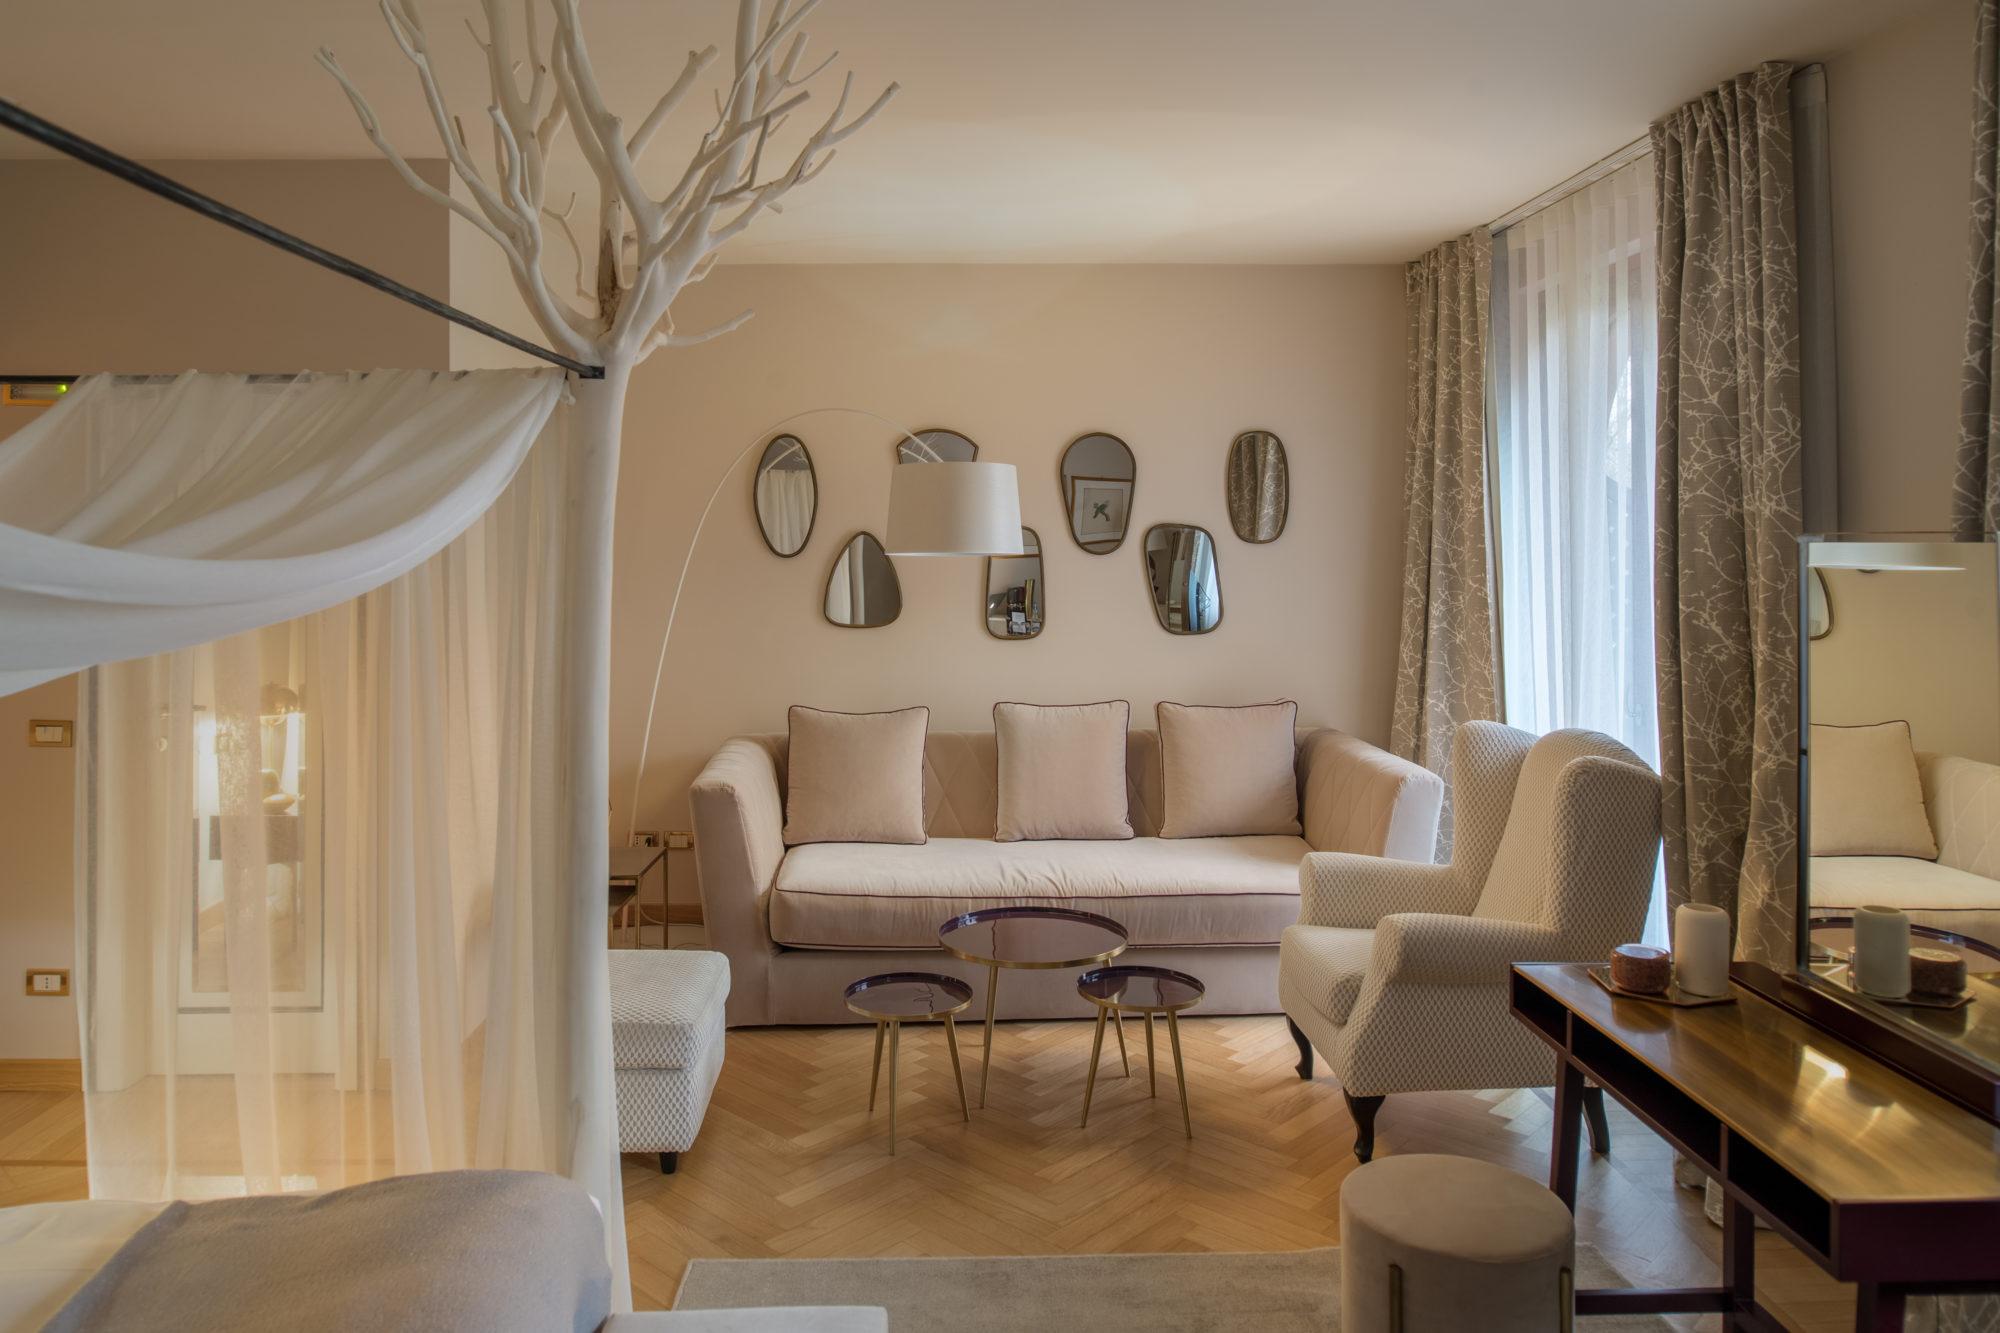 Arredamento camera da letto fotografo brescia ottavio for Arredamento camera da letto design